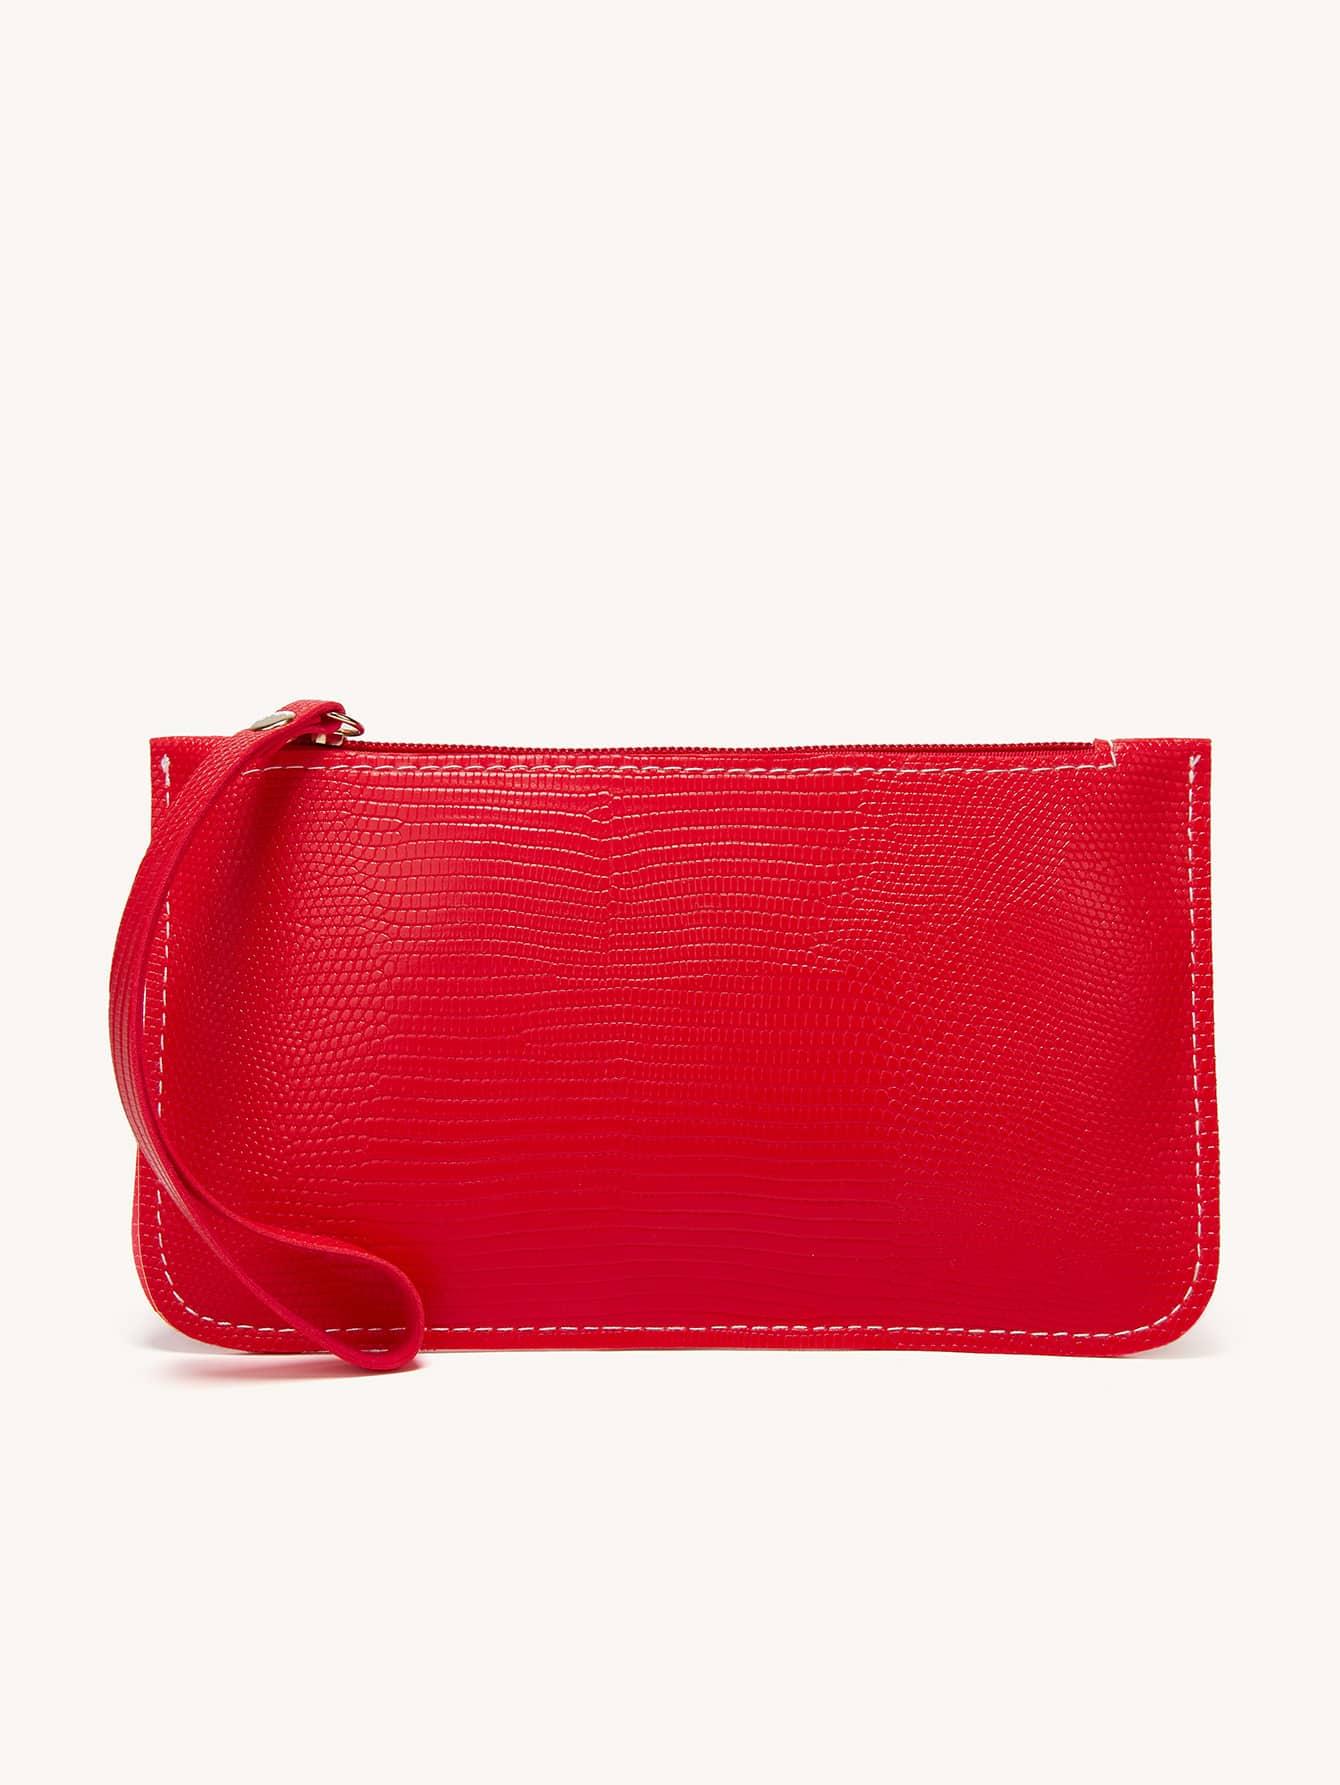 Mini Lizard Pattern Clutch Bag With Wristlet thumbnail